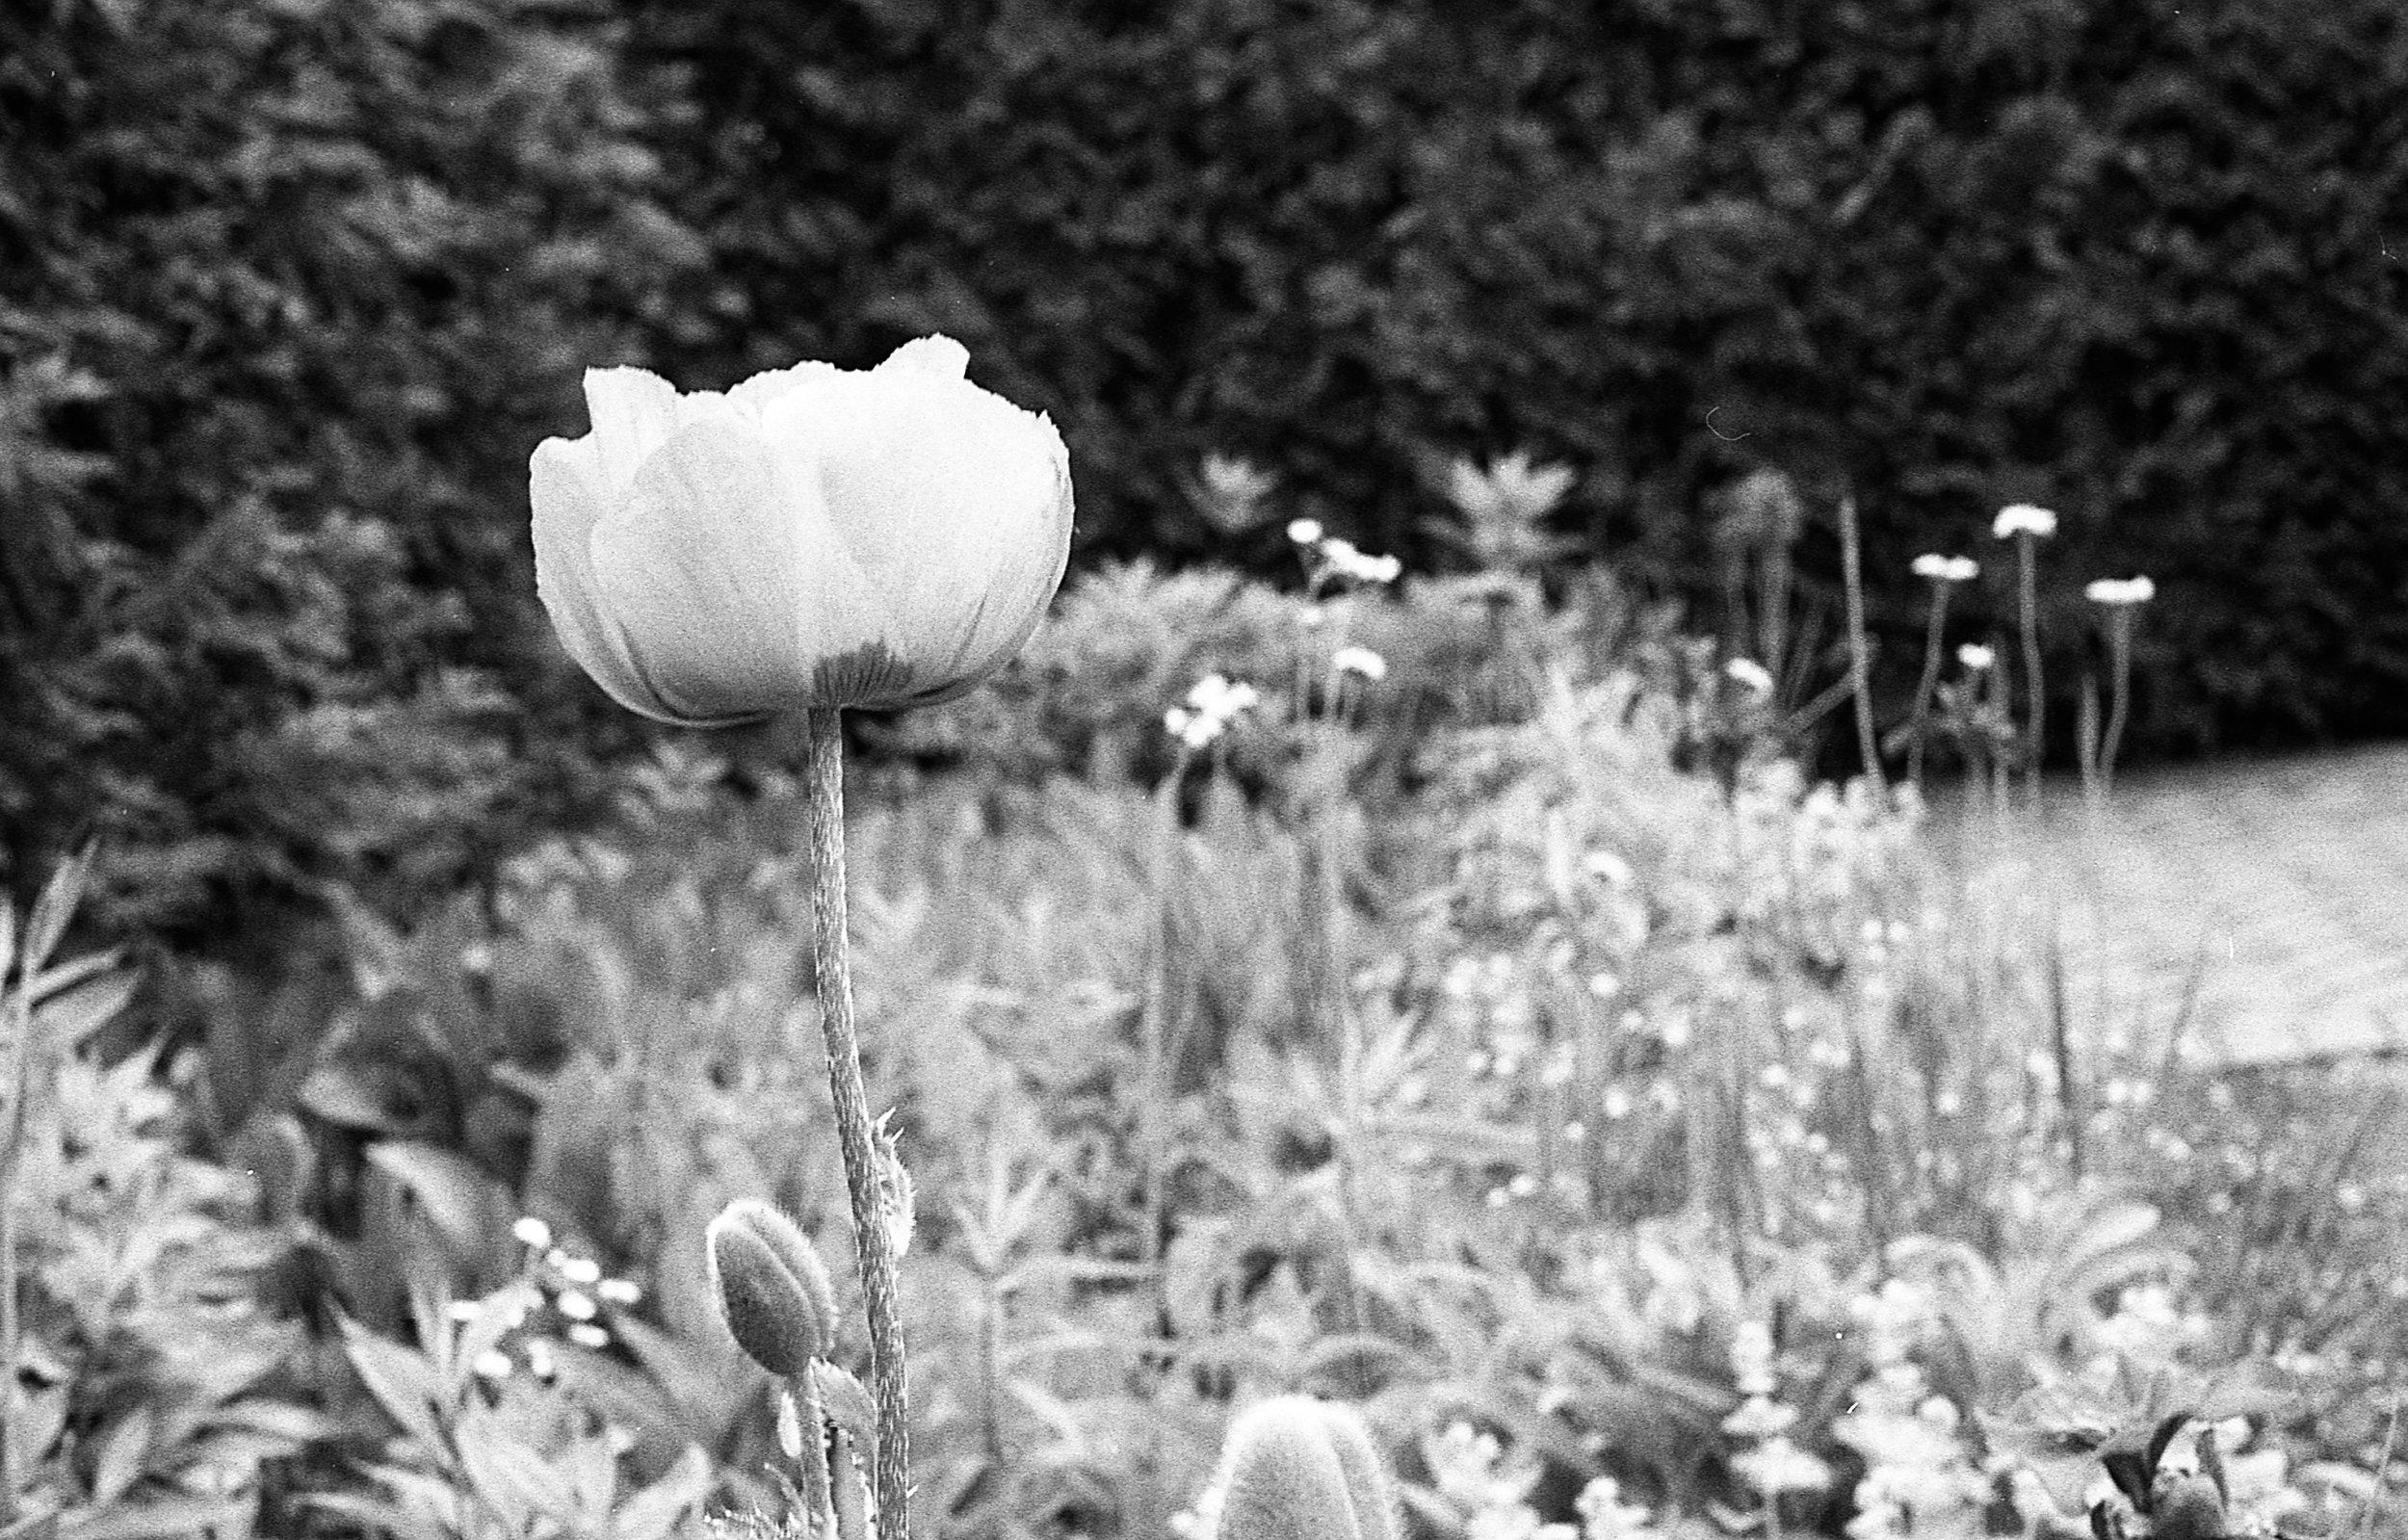 1981 Minolta X-700 Photo 35mm Film Zoe Kissel MSU Campus East Lansing Garden Flower